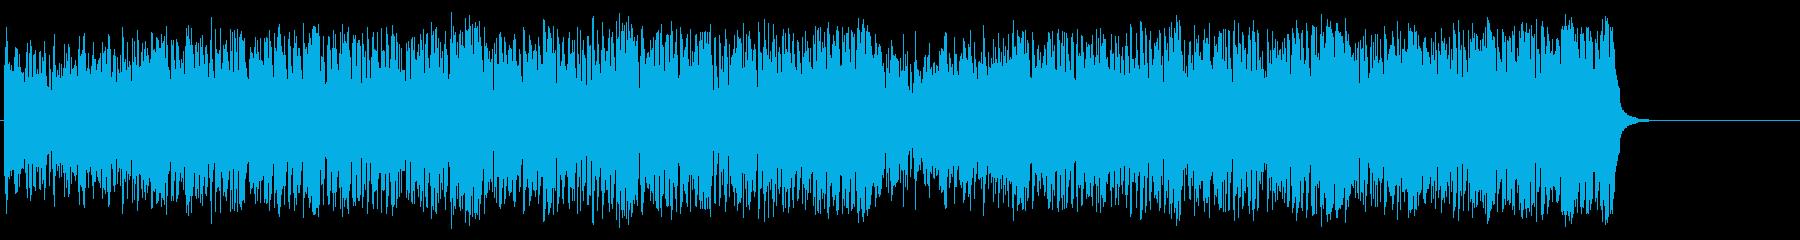 ドタバダ喜劇調のGS風ポップ/マイナーの再生済みの波形